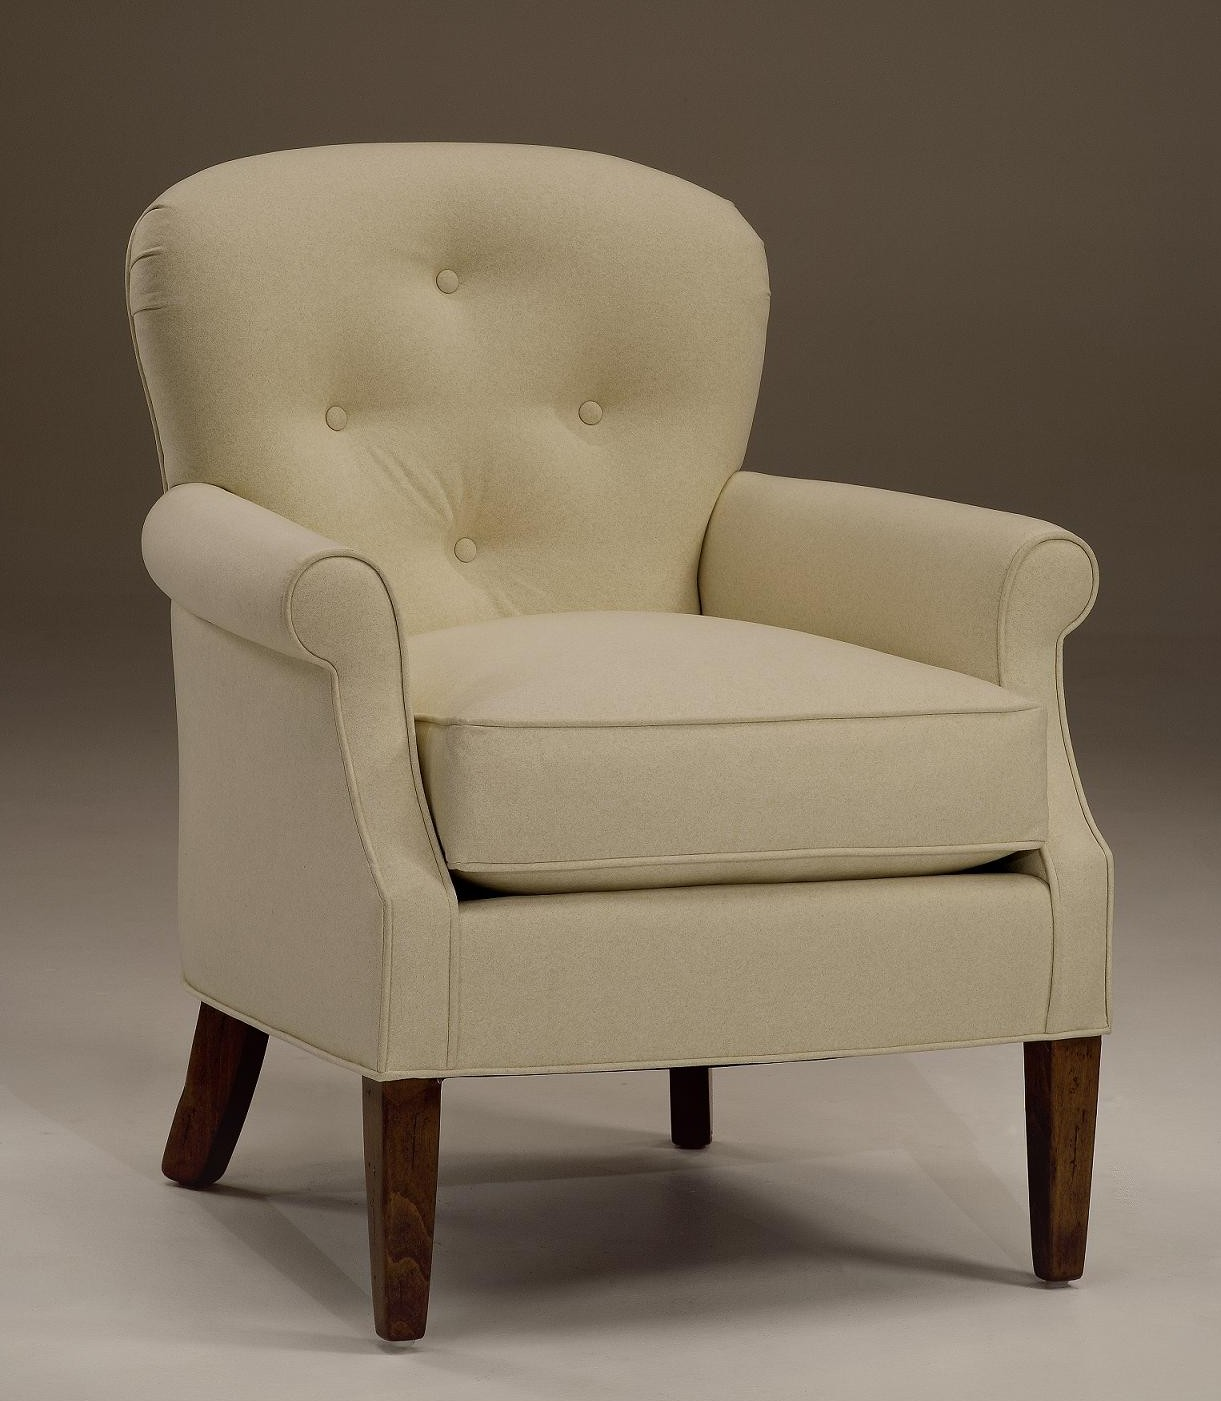 612 chair